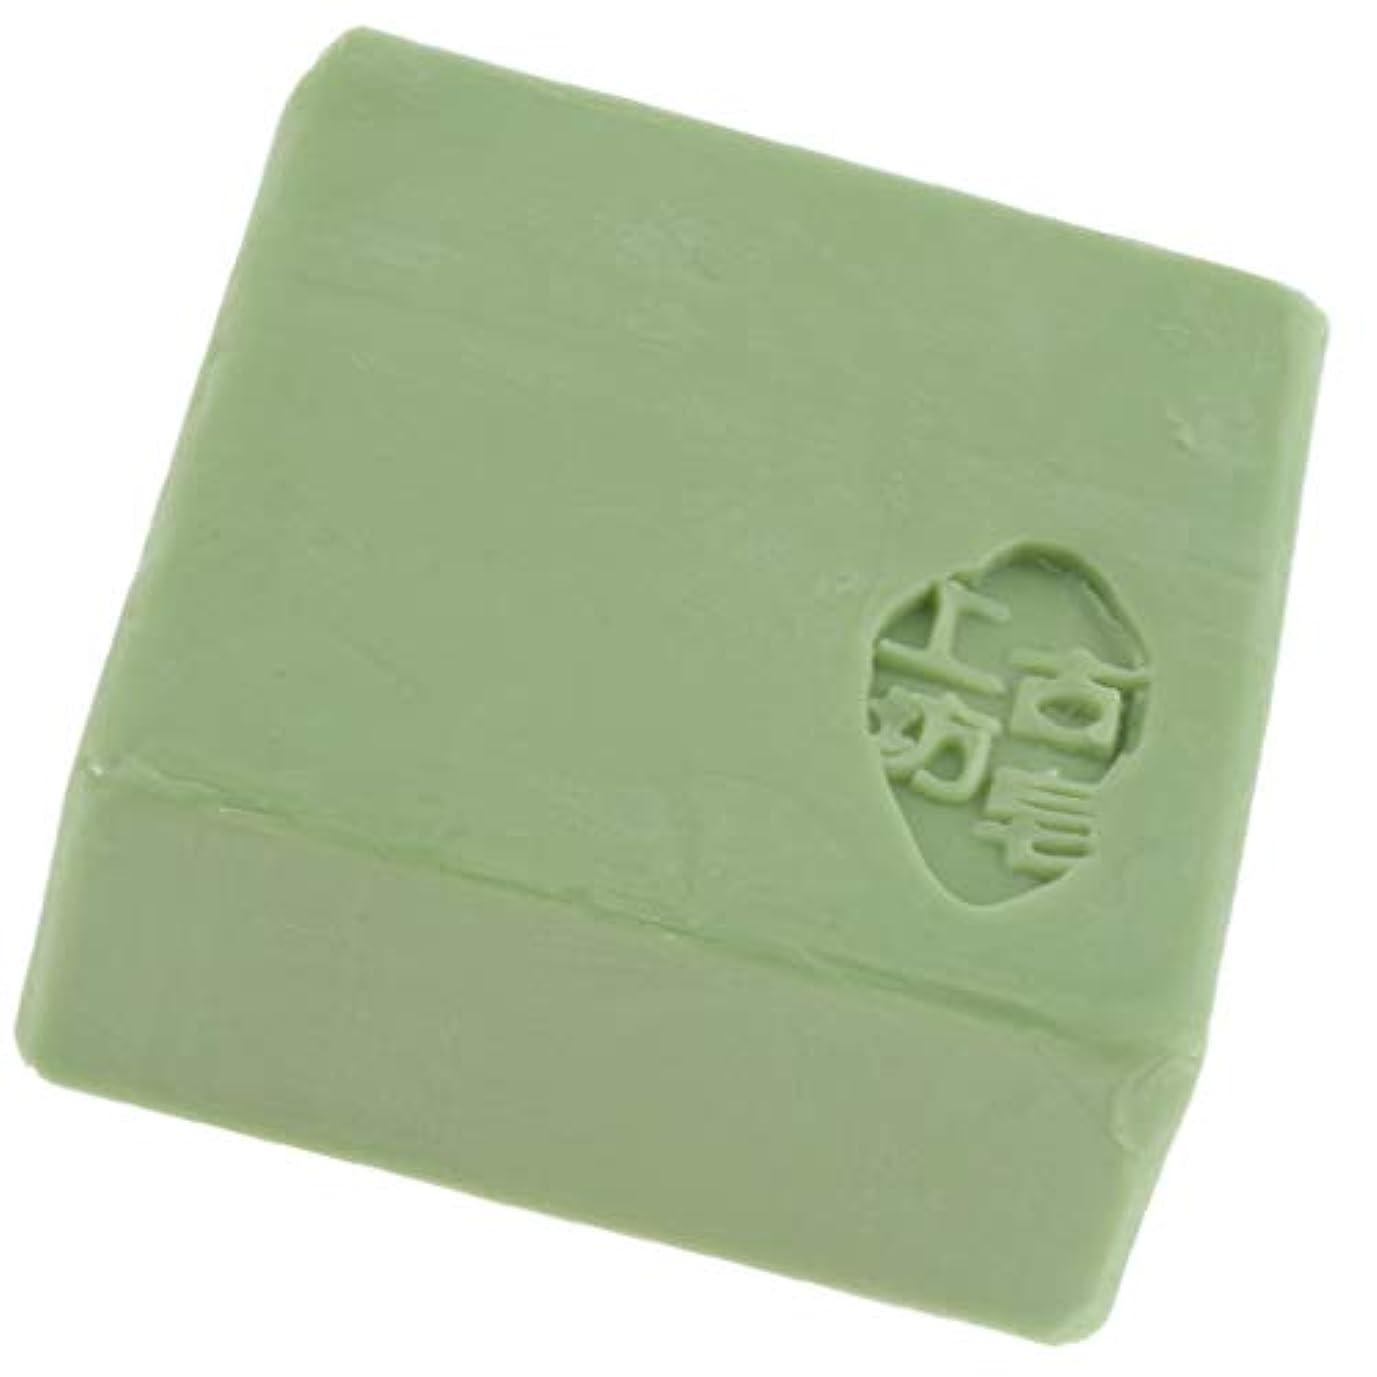 災害労苦彼自身Baoblaze バス スキンケア フェイス ボディソープ 石鹸 保湿 好意 全3色 - 緑